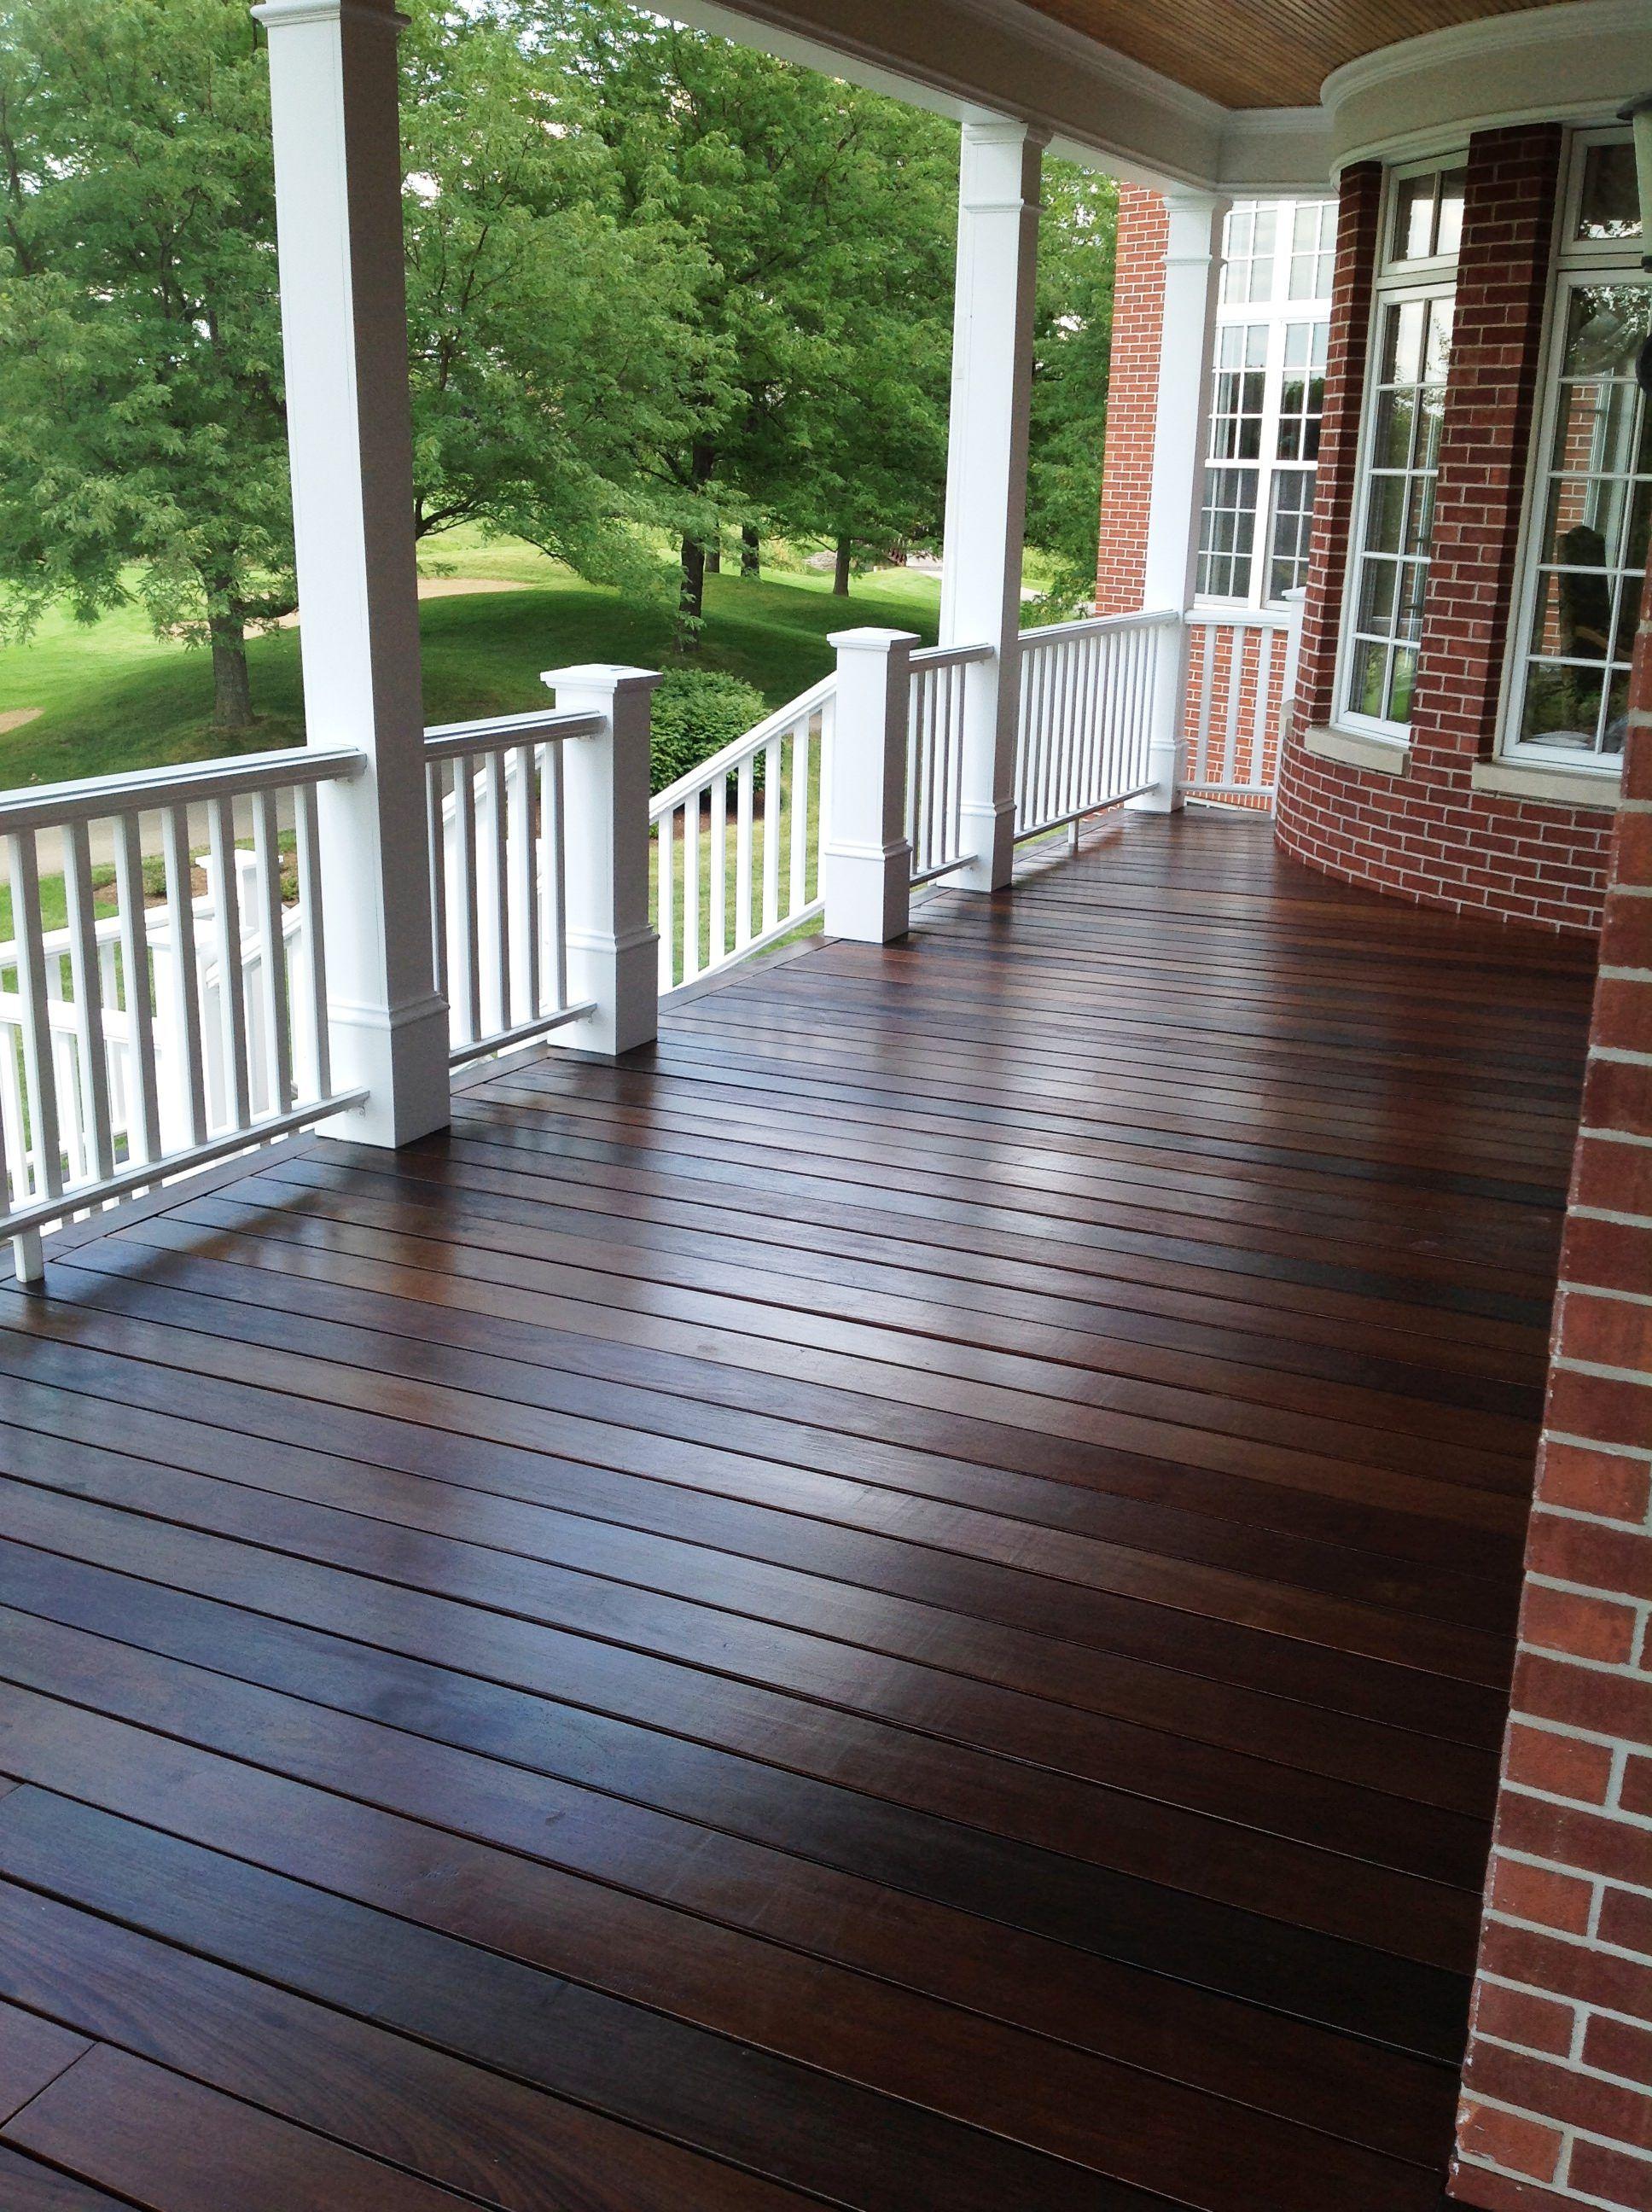 Exterior Deck Paint Colors For The Home Porch Paint Decks Porches Und Deck Colors